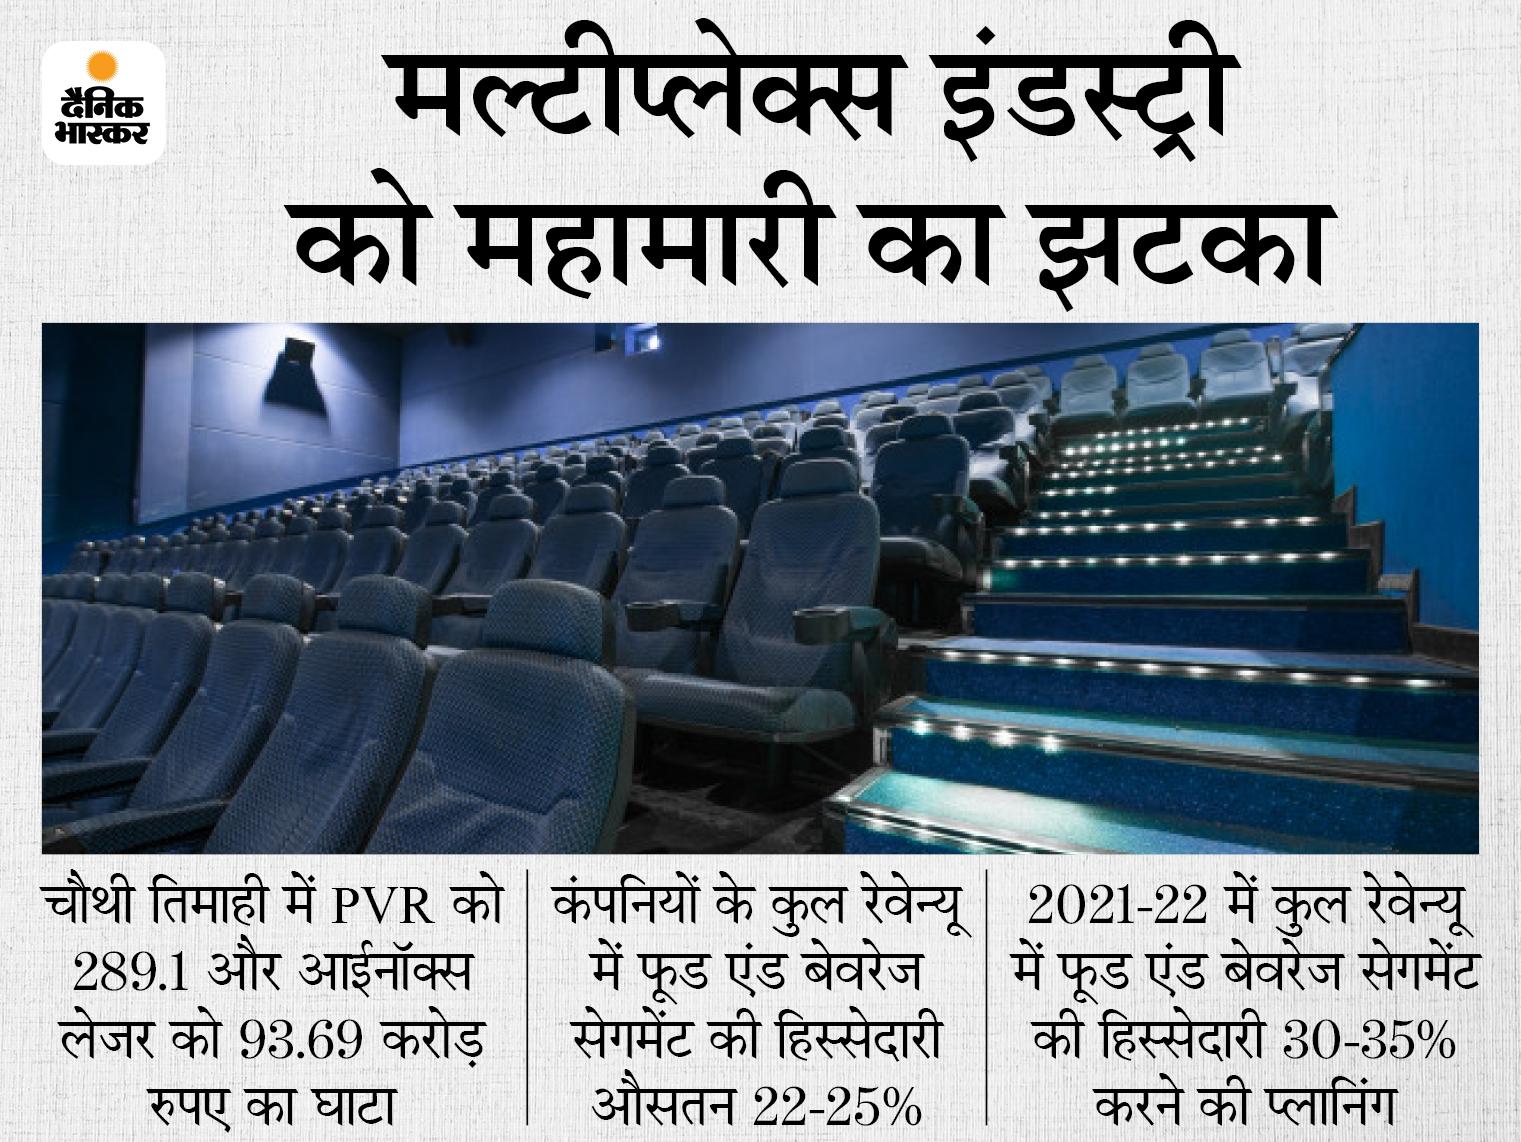 PVR को जनवरी-मार्च के दौरान 289 करोड़ रुपए का घाटा, रेवेन्यू पिछले साल से 60% कम; फूड और बेवरेजेज सेगमेंट बुरी तरह प्रभावित बिजनेस,Business - Dainik Bhaskar